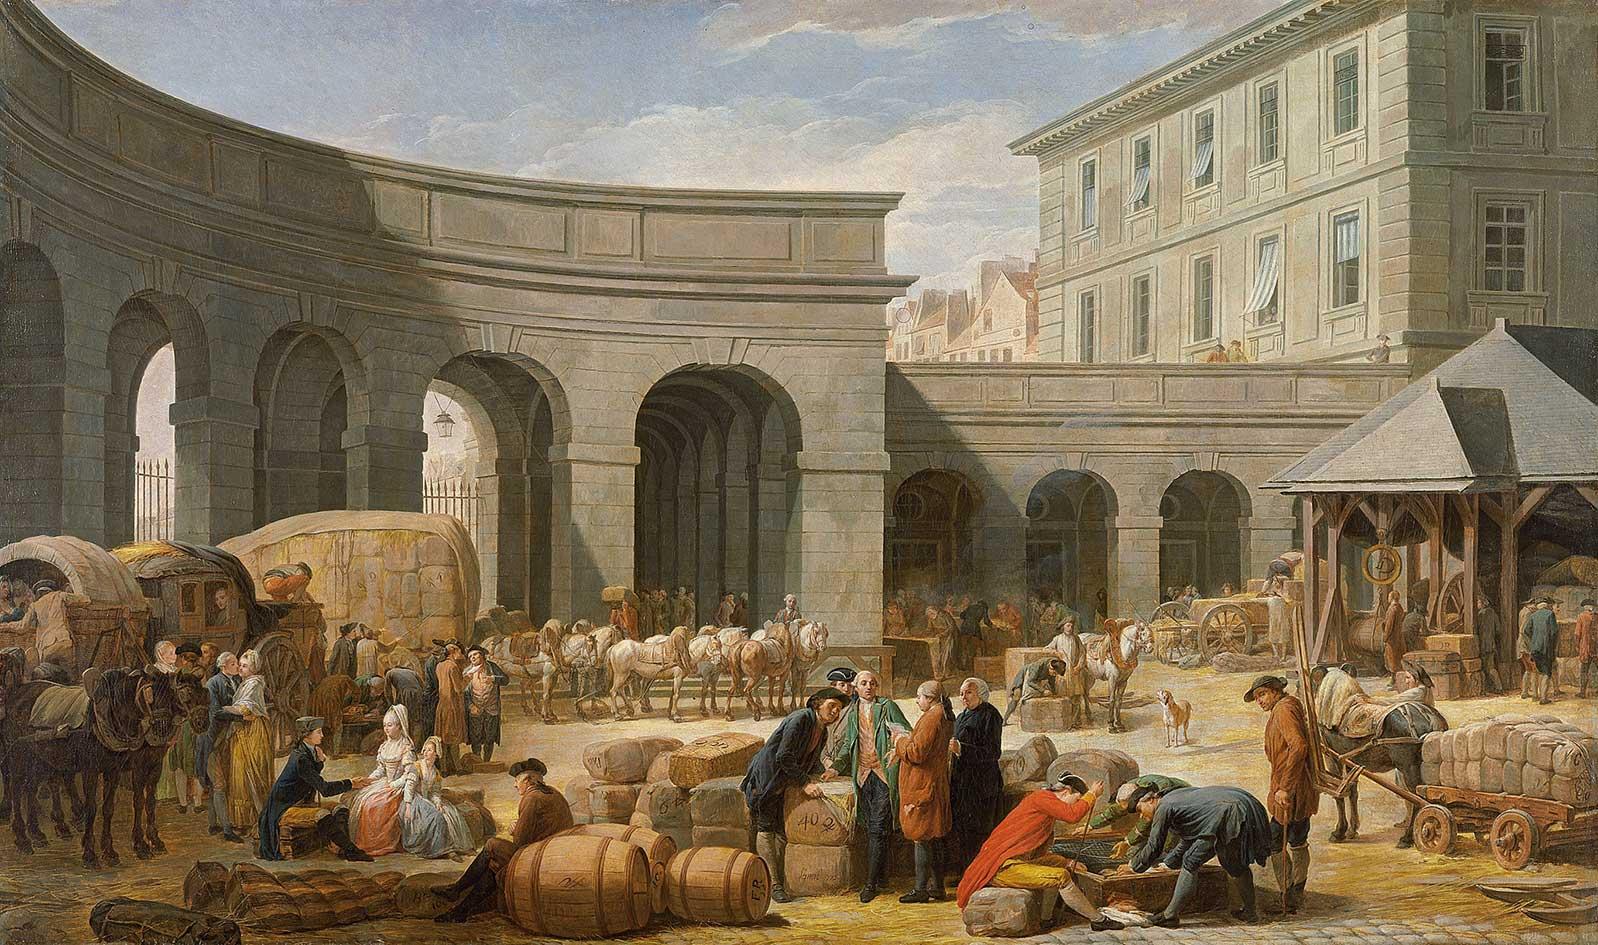 La cultura del vino en la Colección Thyssen Bornemisza